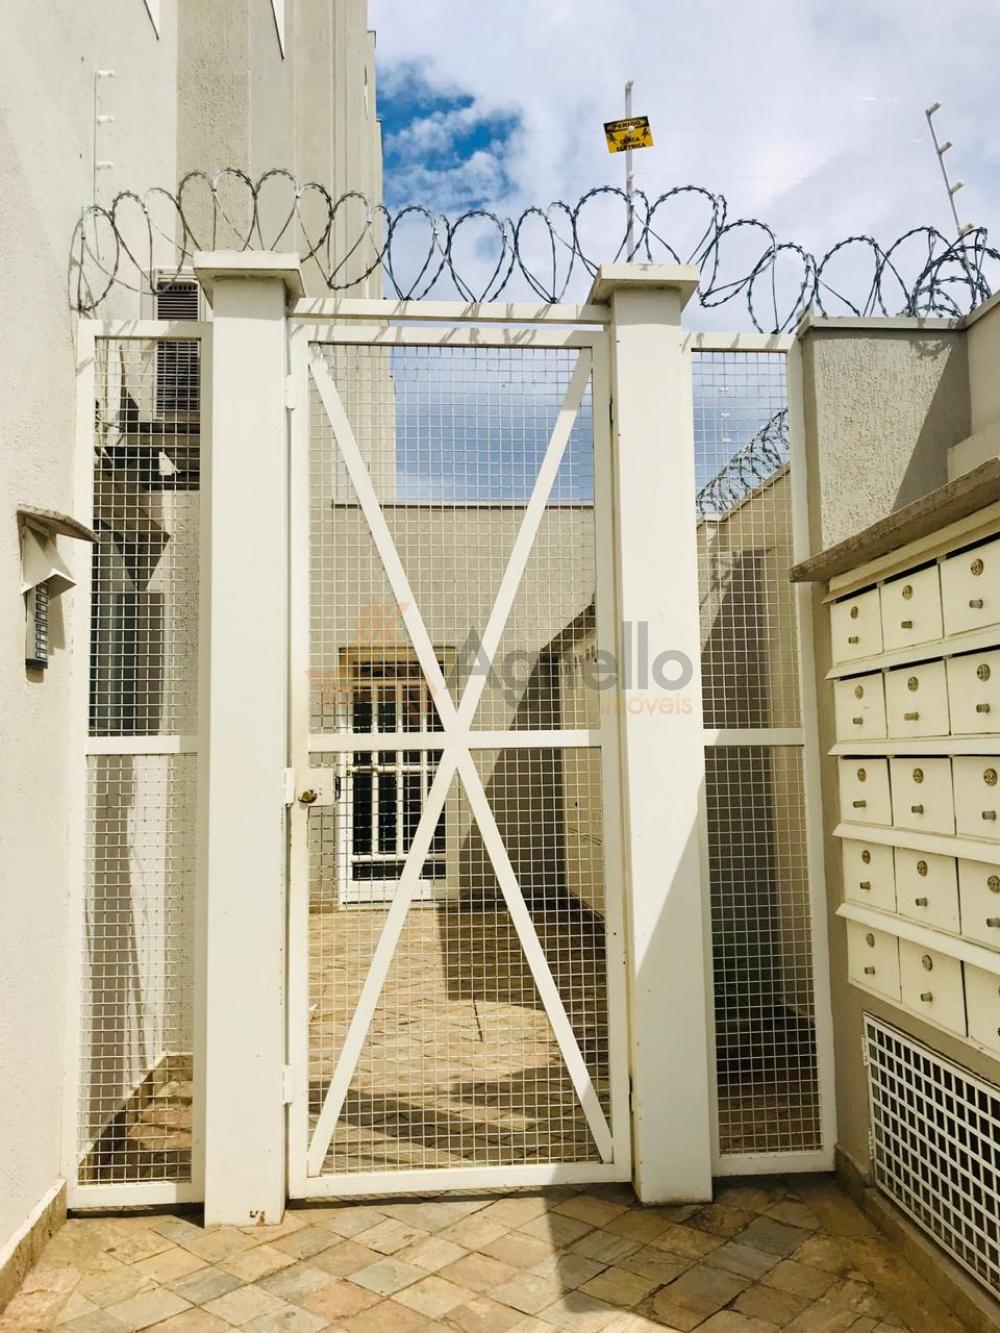 Comprar Apartamento / Padrão em Franca apenas R$ 210.000,00 - Foto 1